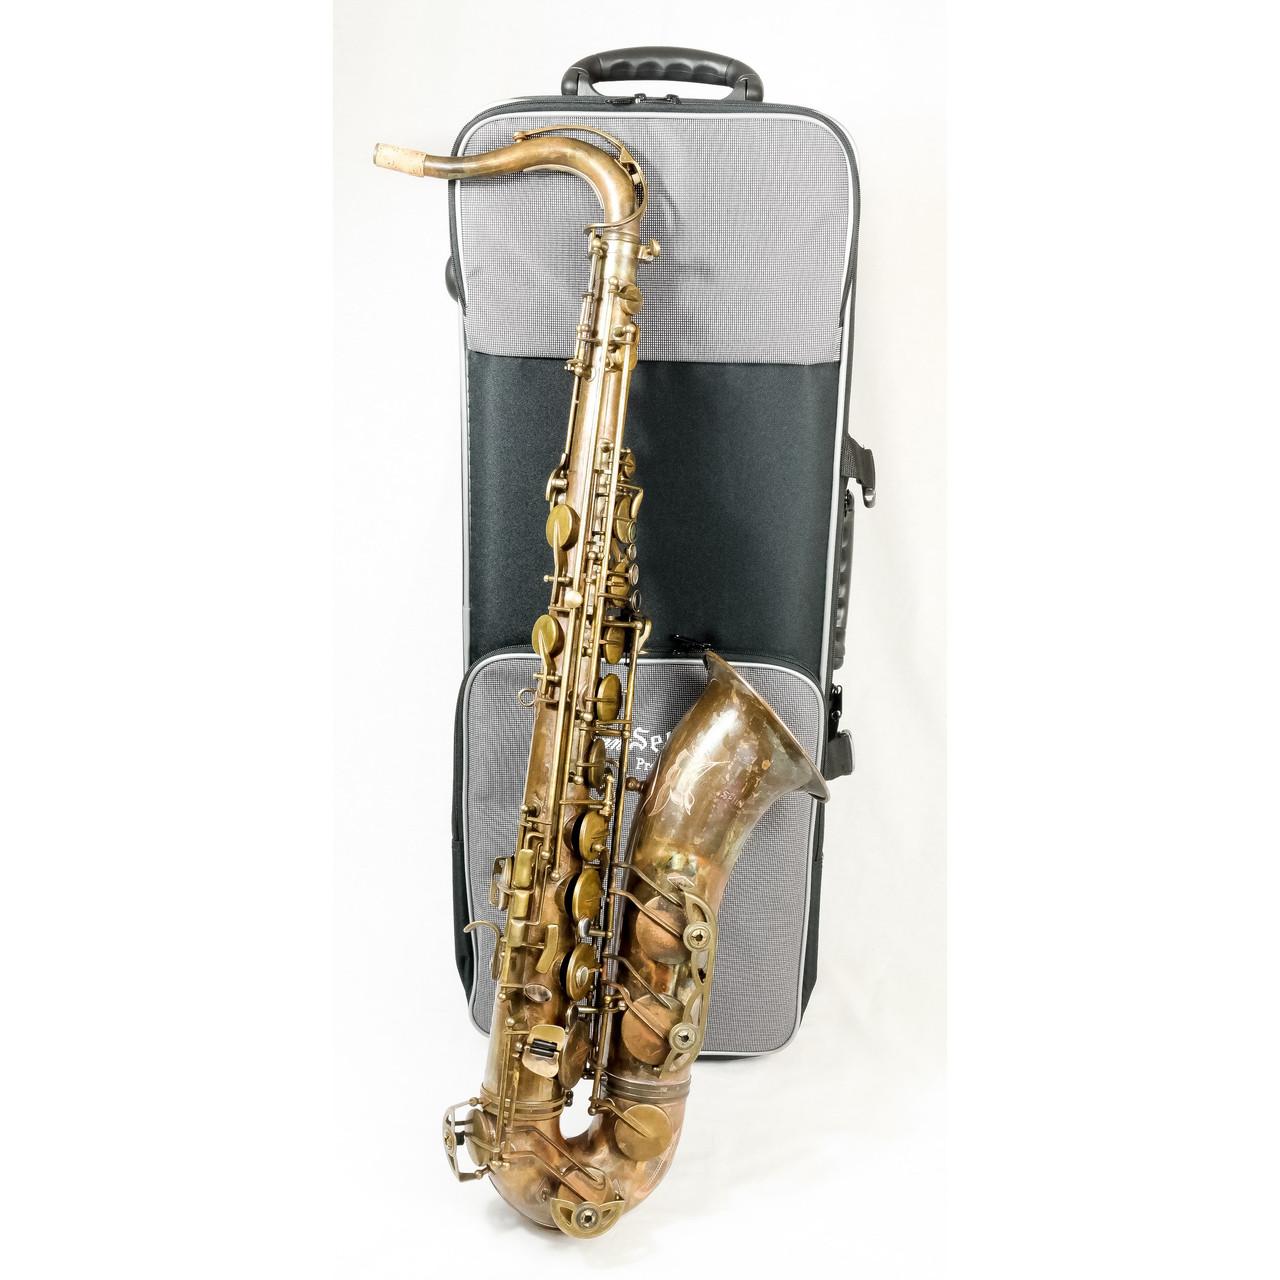 conn selmer 380 tenor sax 2